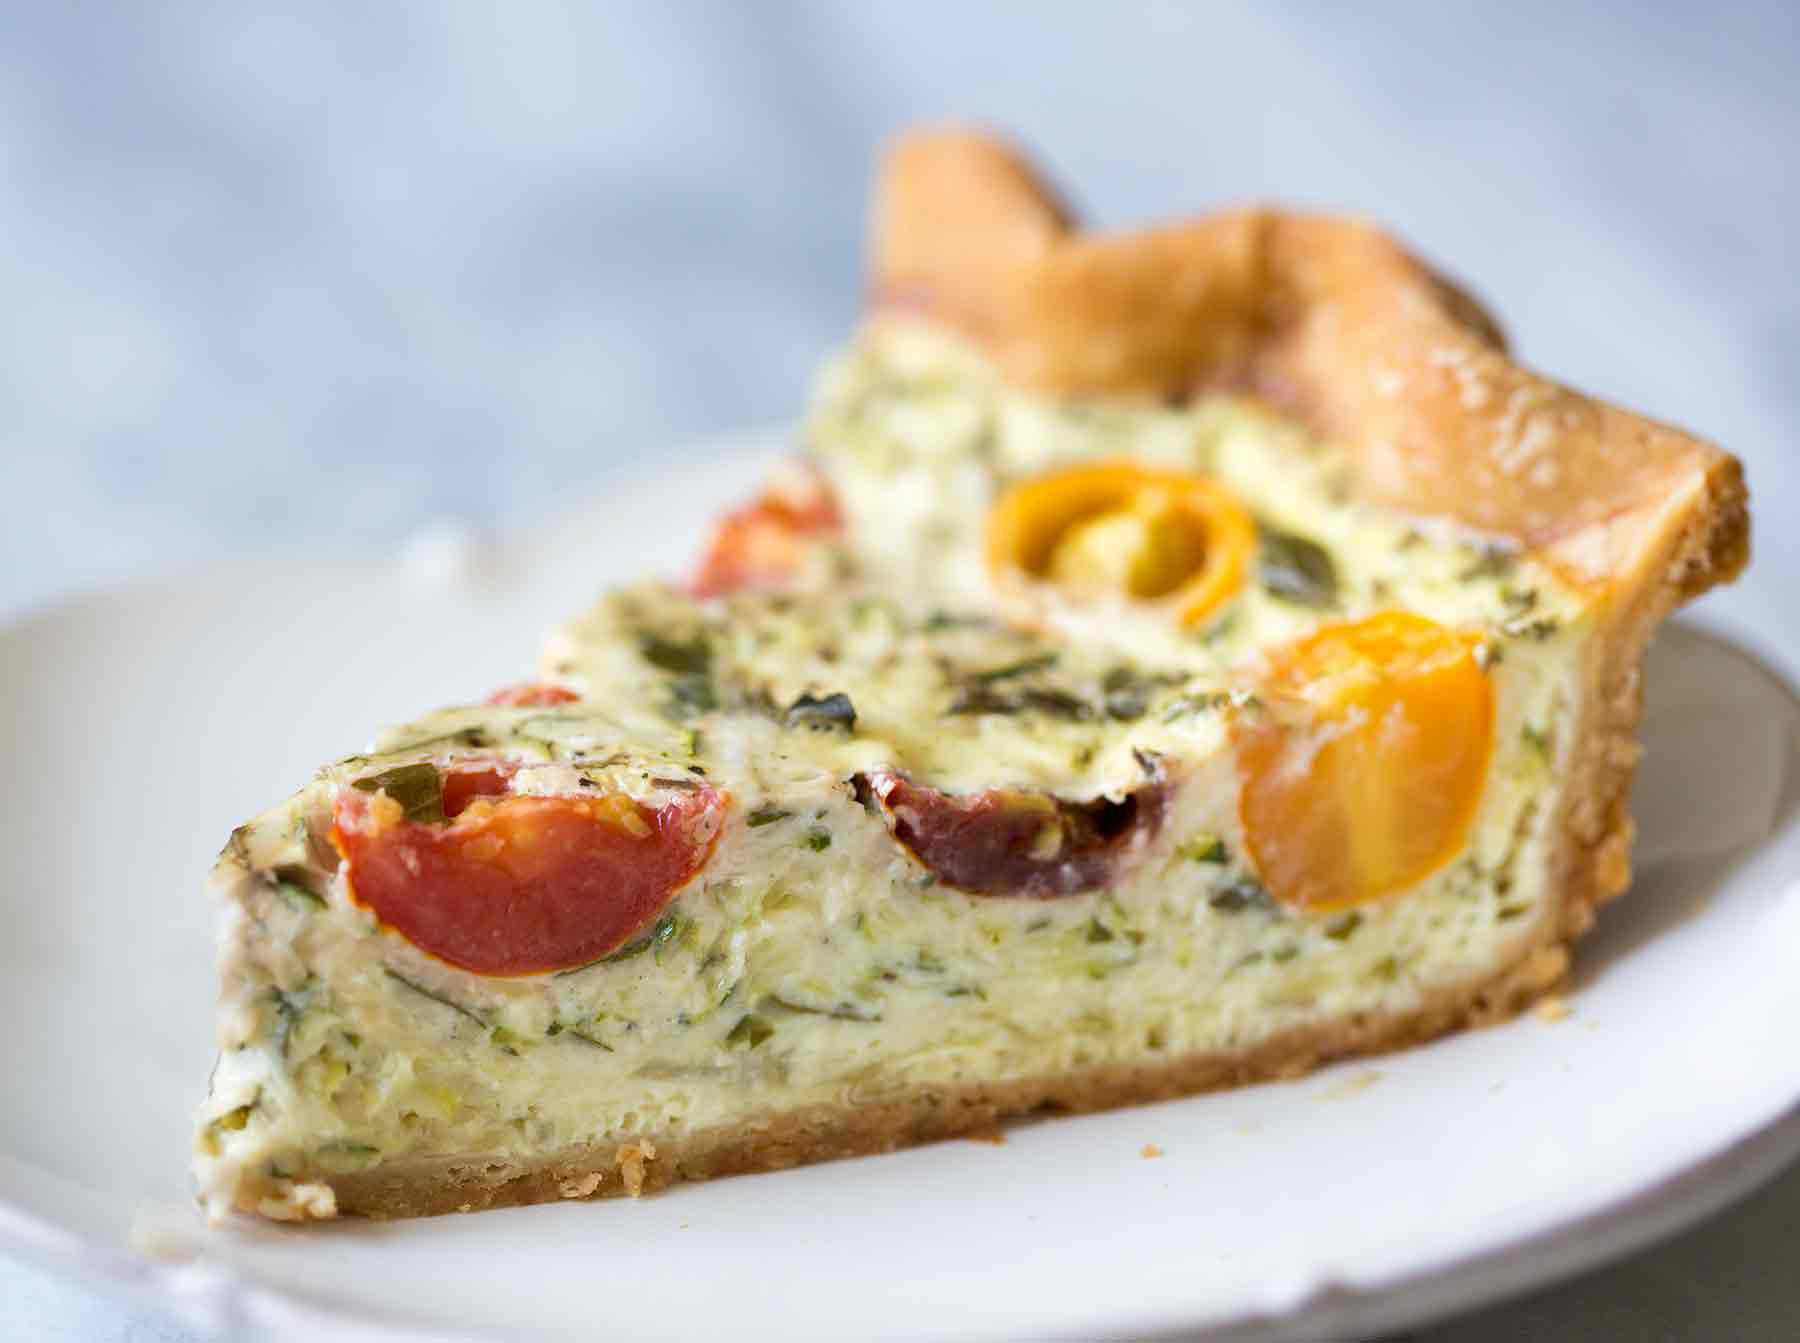 Zucchini and tomato quiche